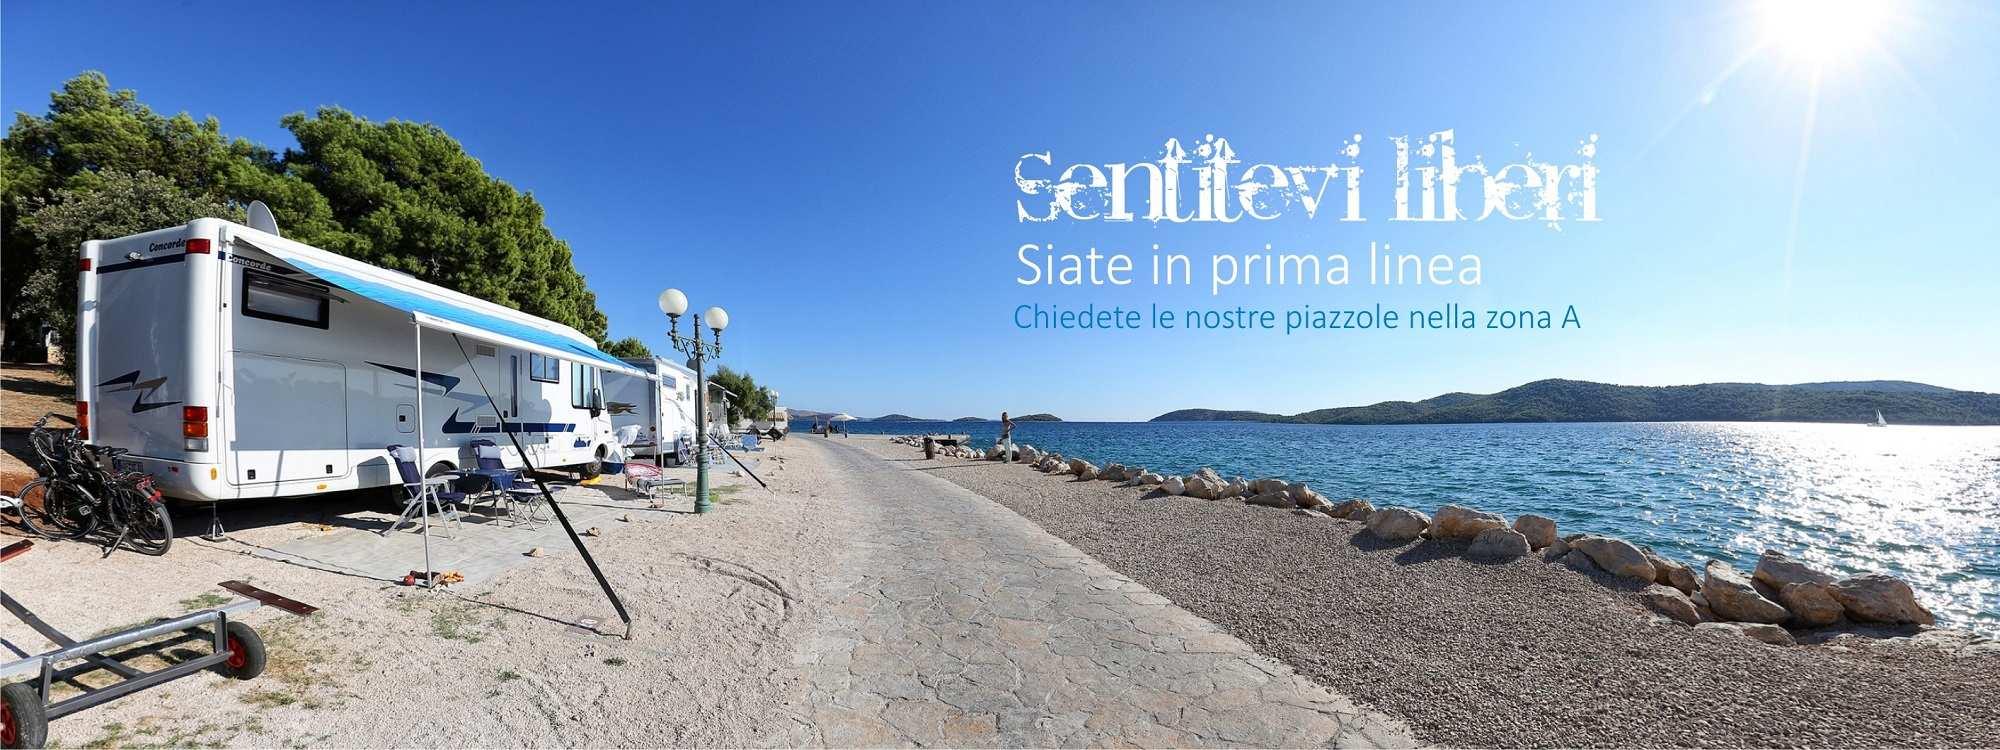 Solaris_camping_beach_resort_croazia_piazzole_prima_linea_zone_a